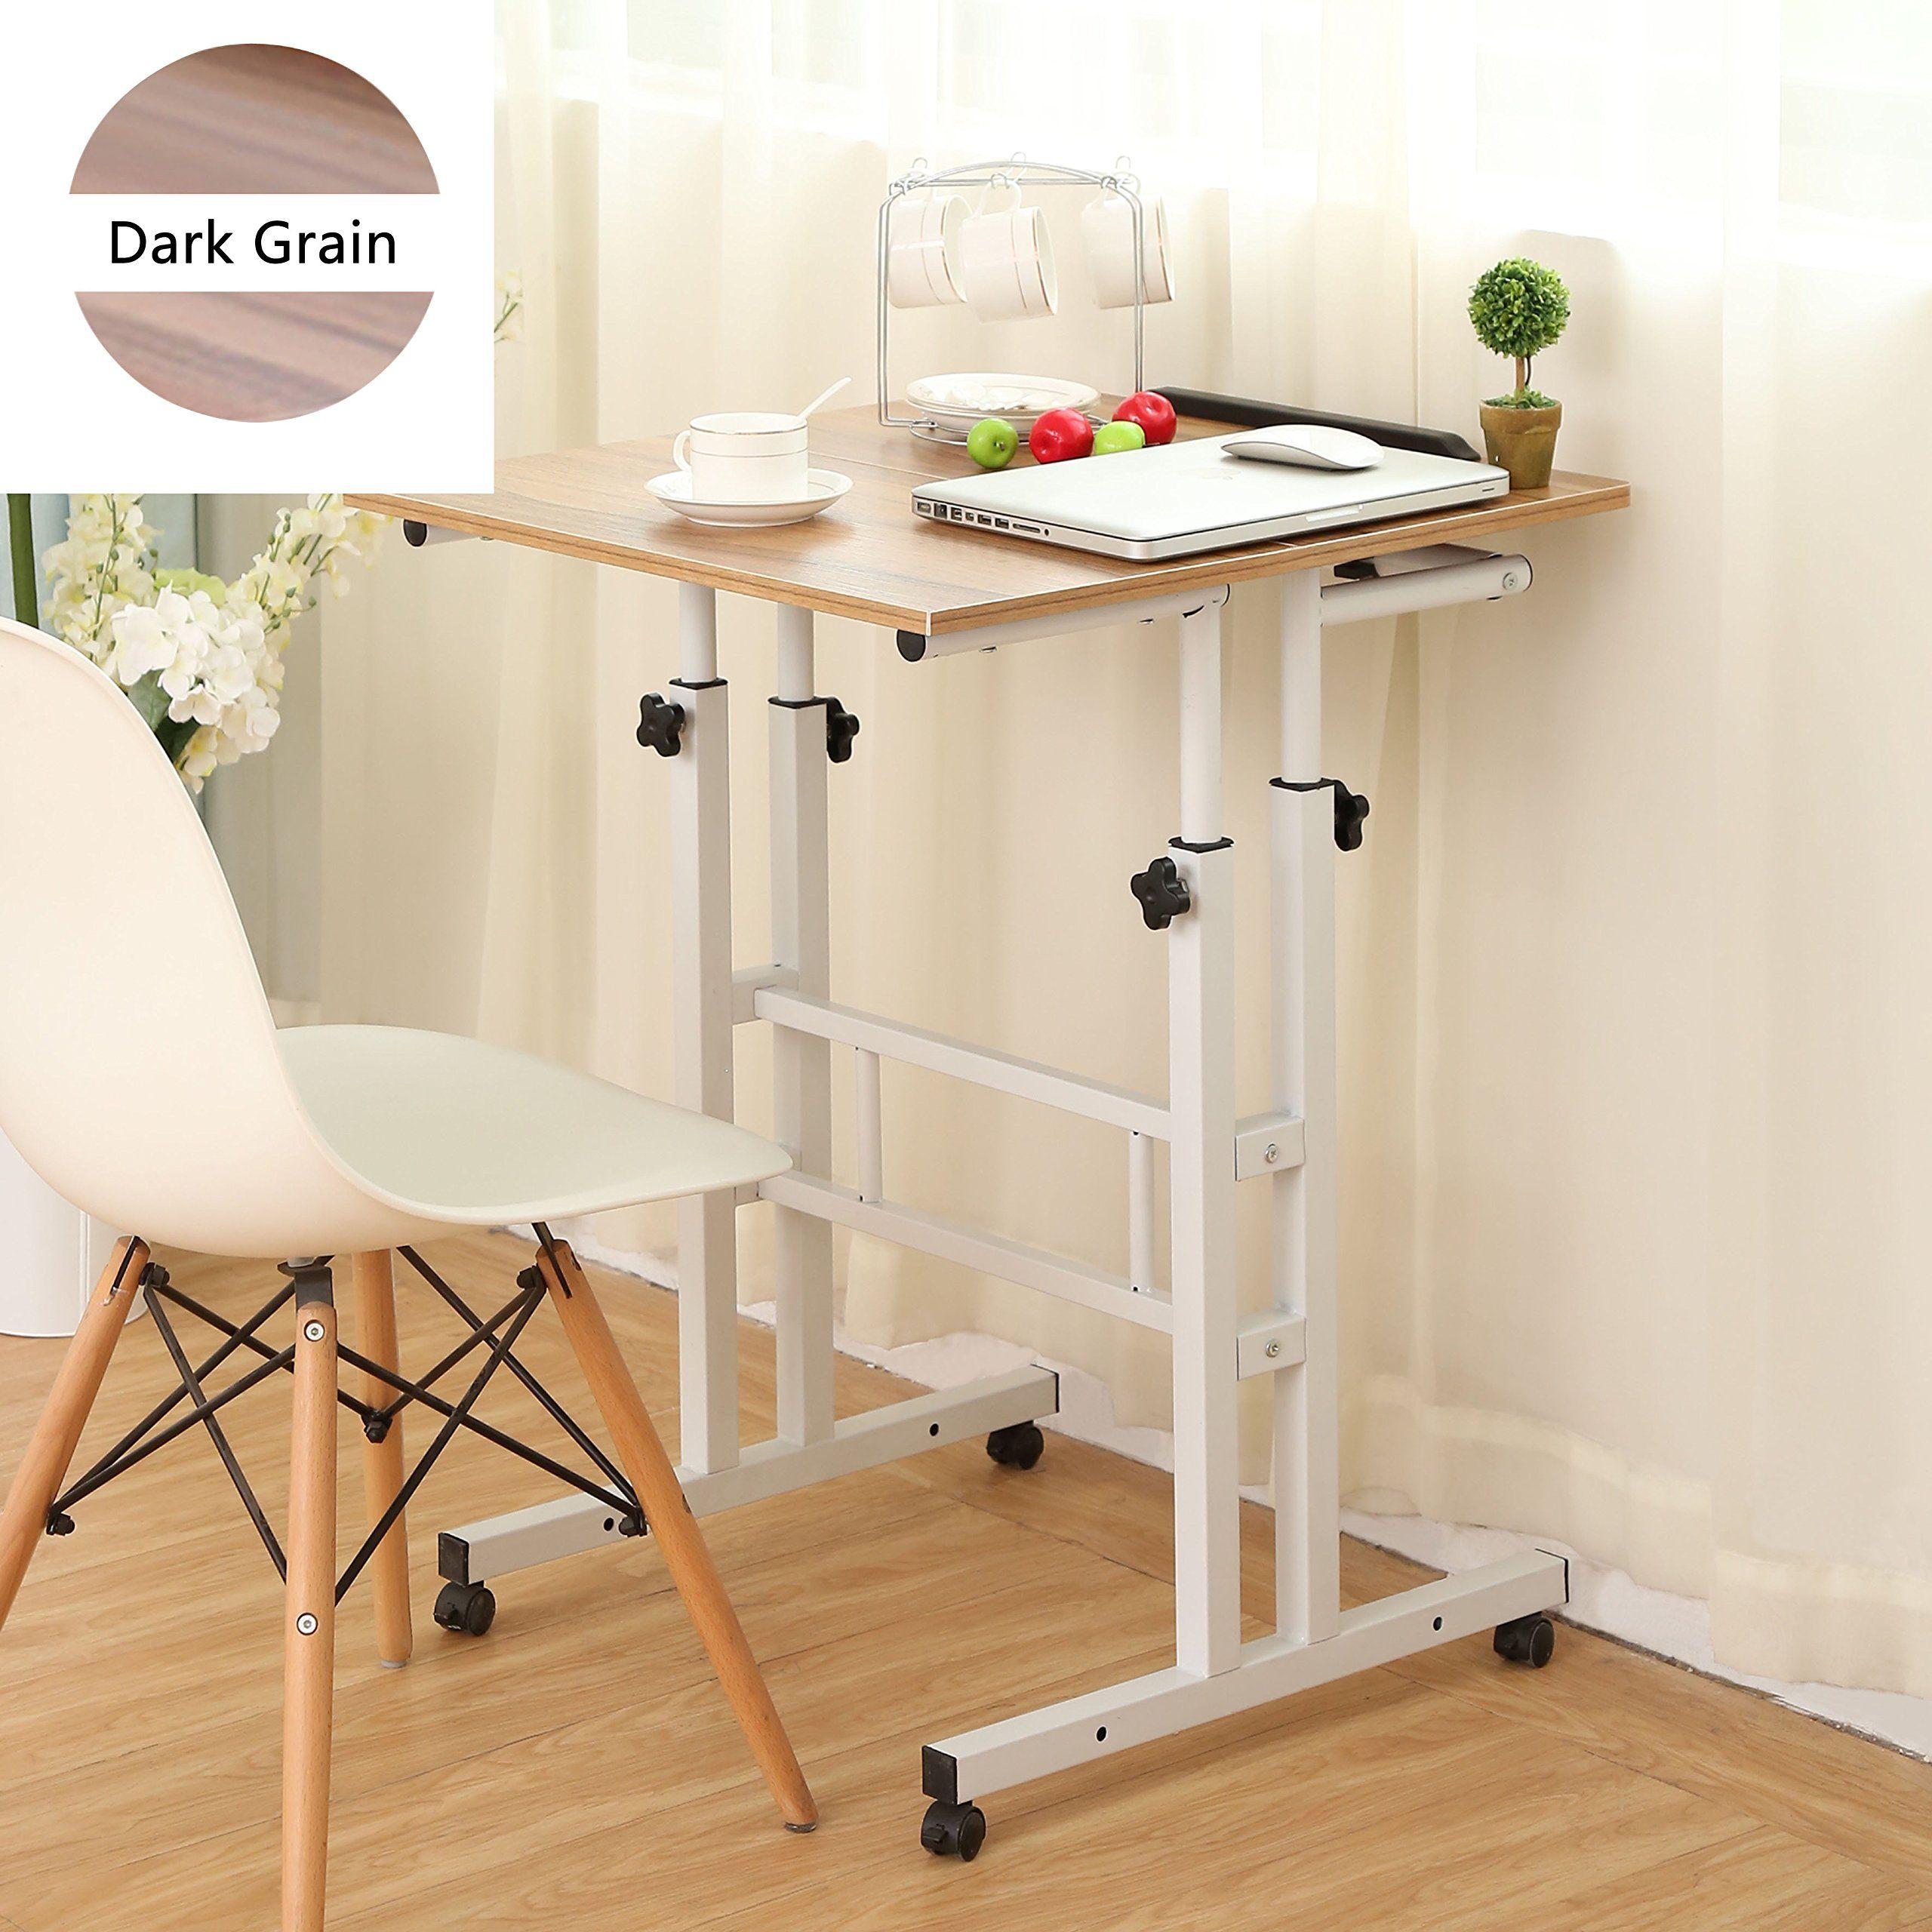 Sdadi Adjustable Height Mobile Stand Up Desk Computer Workstation ...